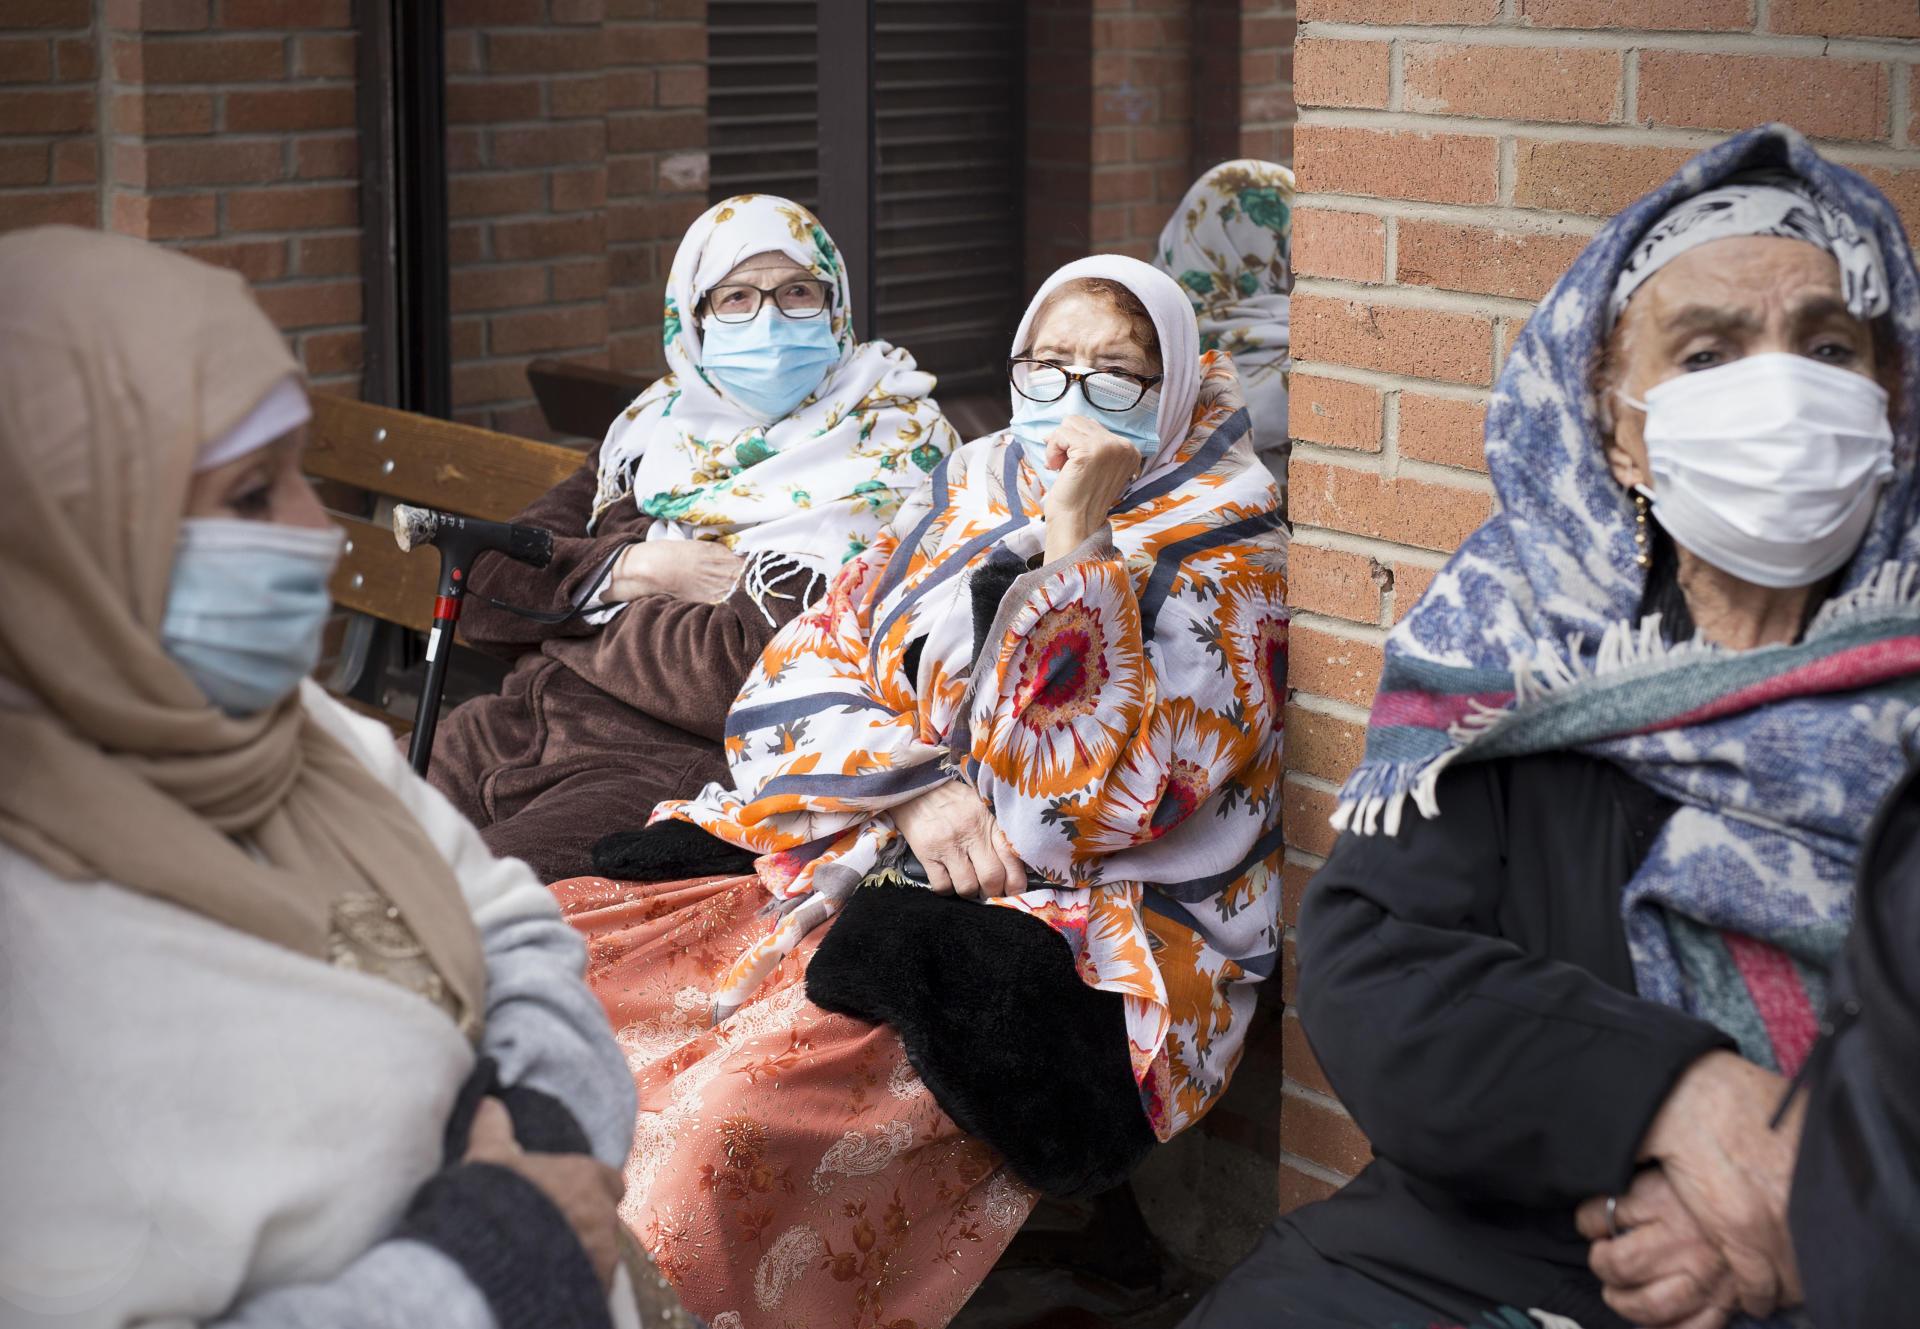 با چوپانانی که کمی بیش از پانزده سال دارند در خانه آلما-فونتنوی که حدود سی و پنج بزرگسال را در خود جای داده است ، ملاقات کنید.  از چپ به راست: کاتوجا آتوش ، زهرا آملیلی ، فاطوم فاطوم زردا و فاطما بی یود ، 6 مه ، در روبیا.